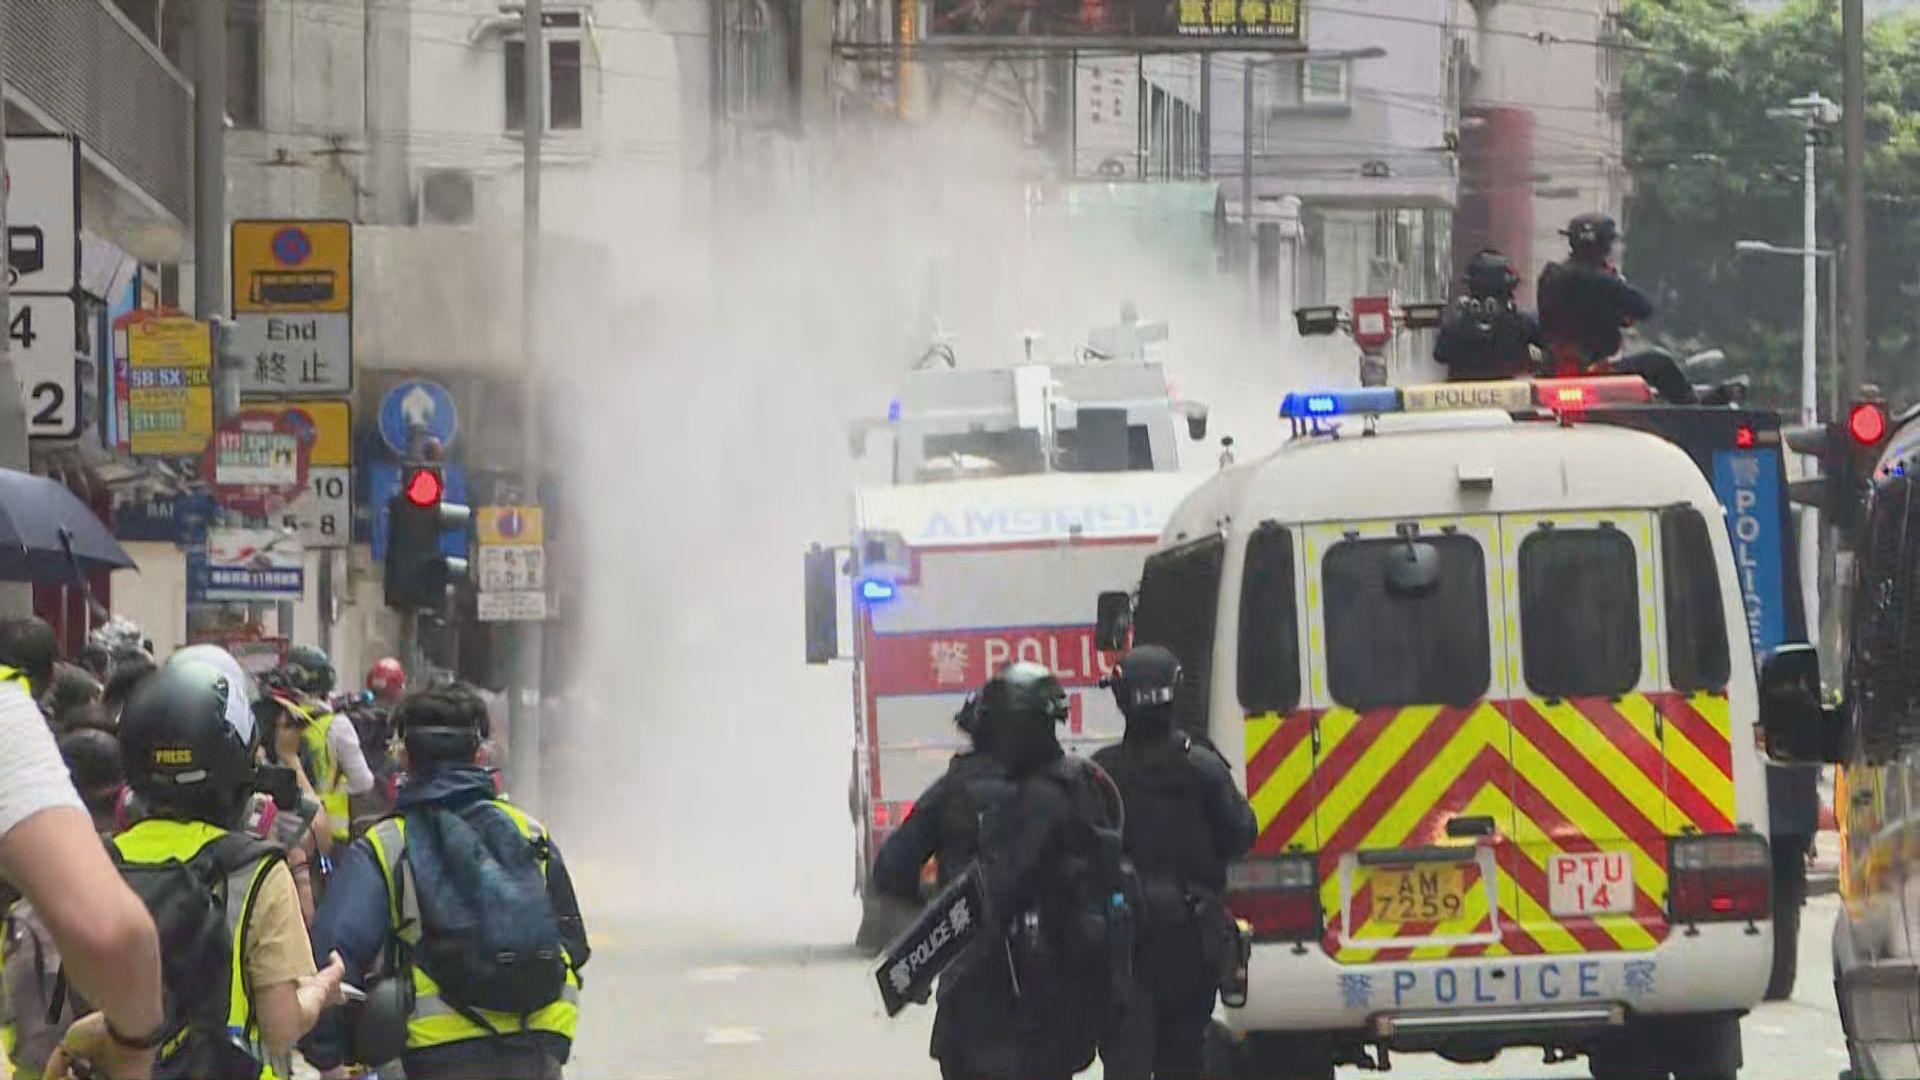 警方水炮車多次射水驅散人群